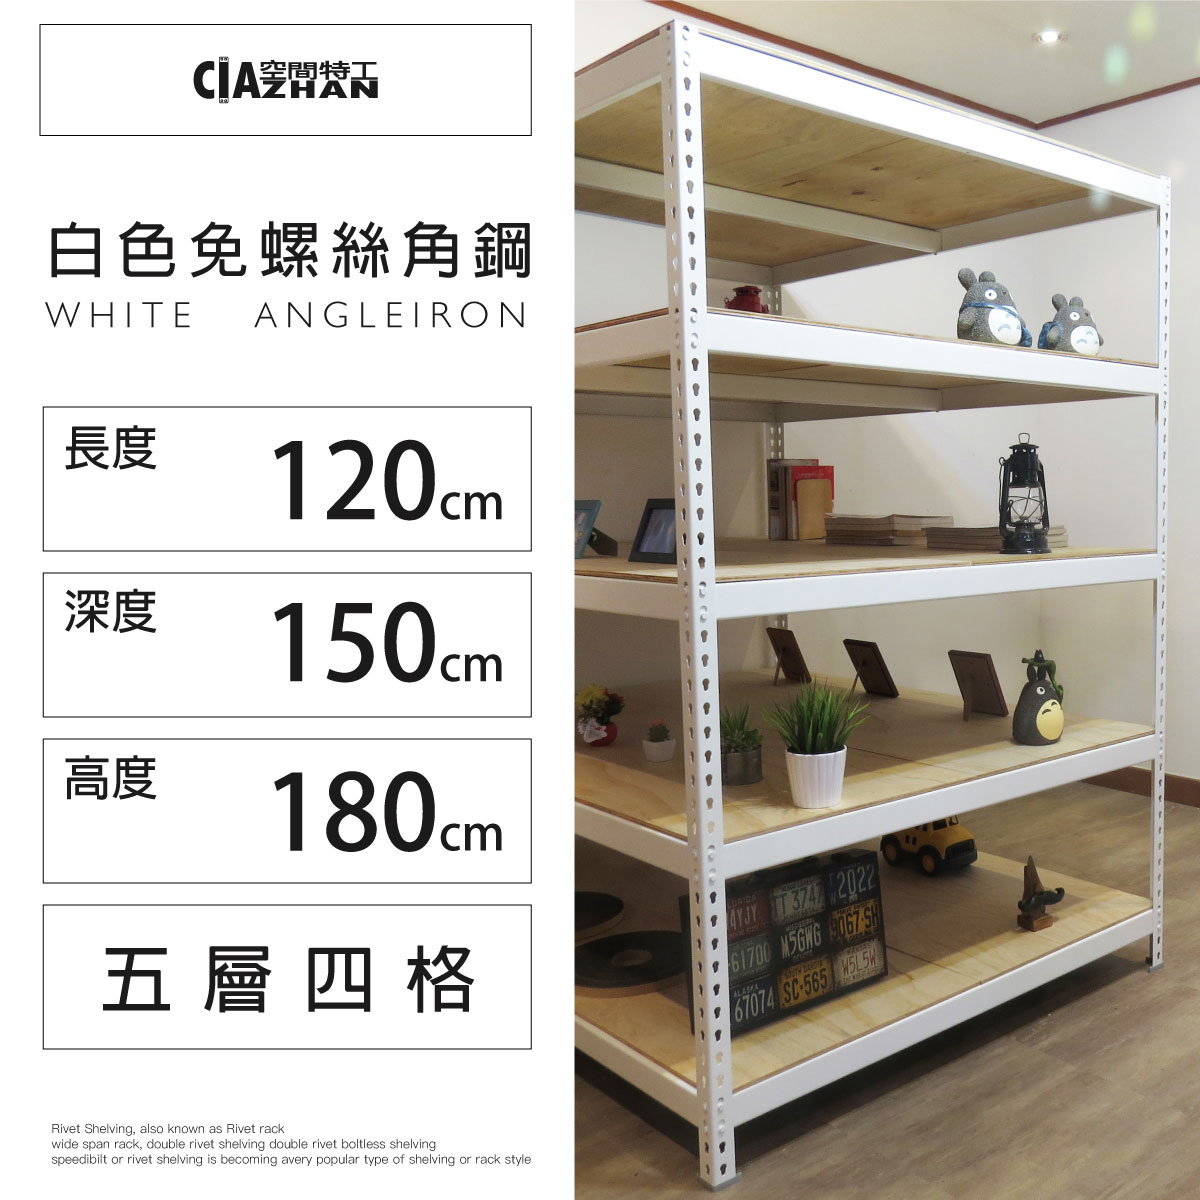 【空間特工】角鋼櫃 高低櫃 角鐵 陳列架 倉儲架 層架 白色免螺絲角鋼(4x5x6_5層) W4050651